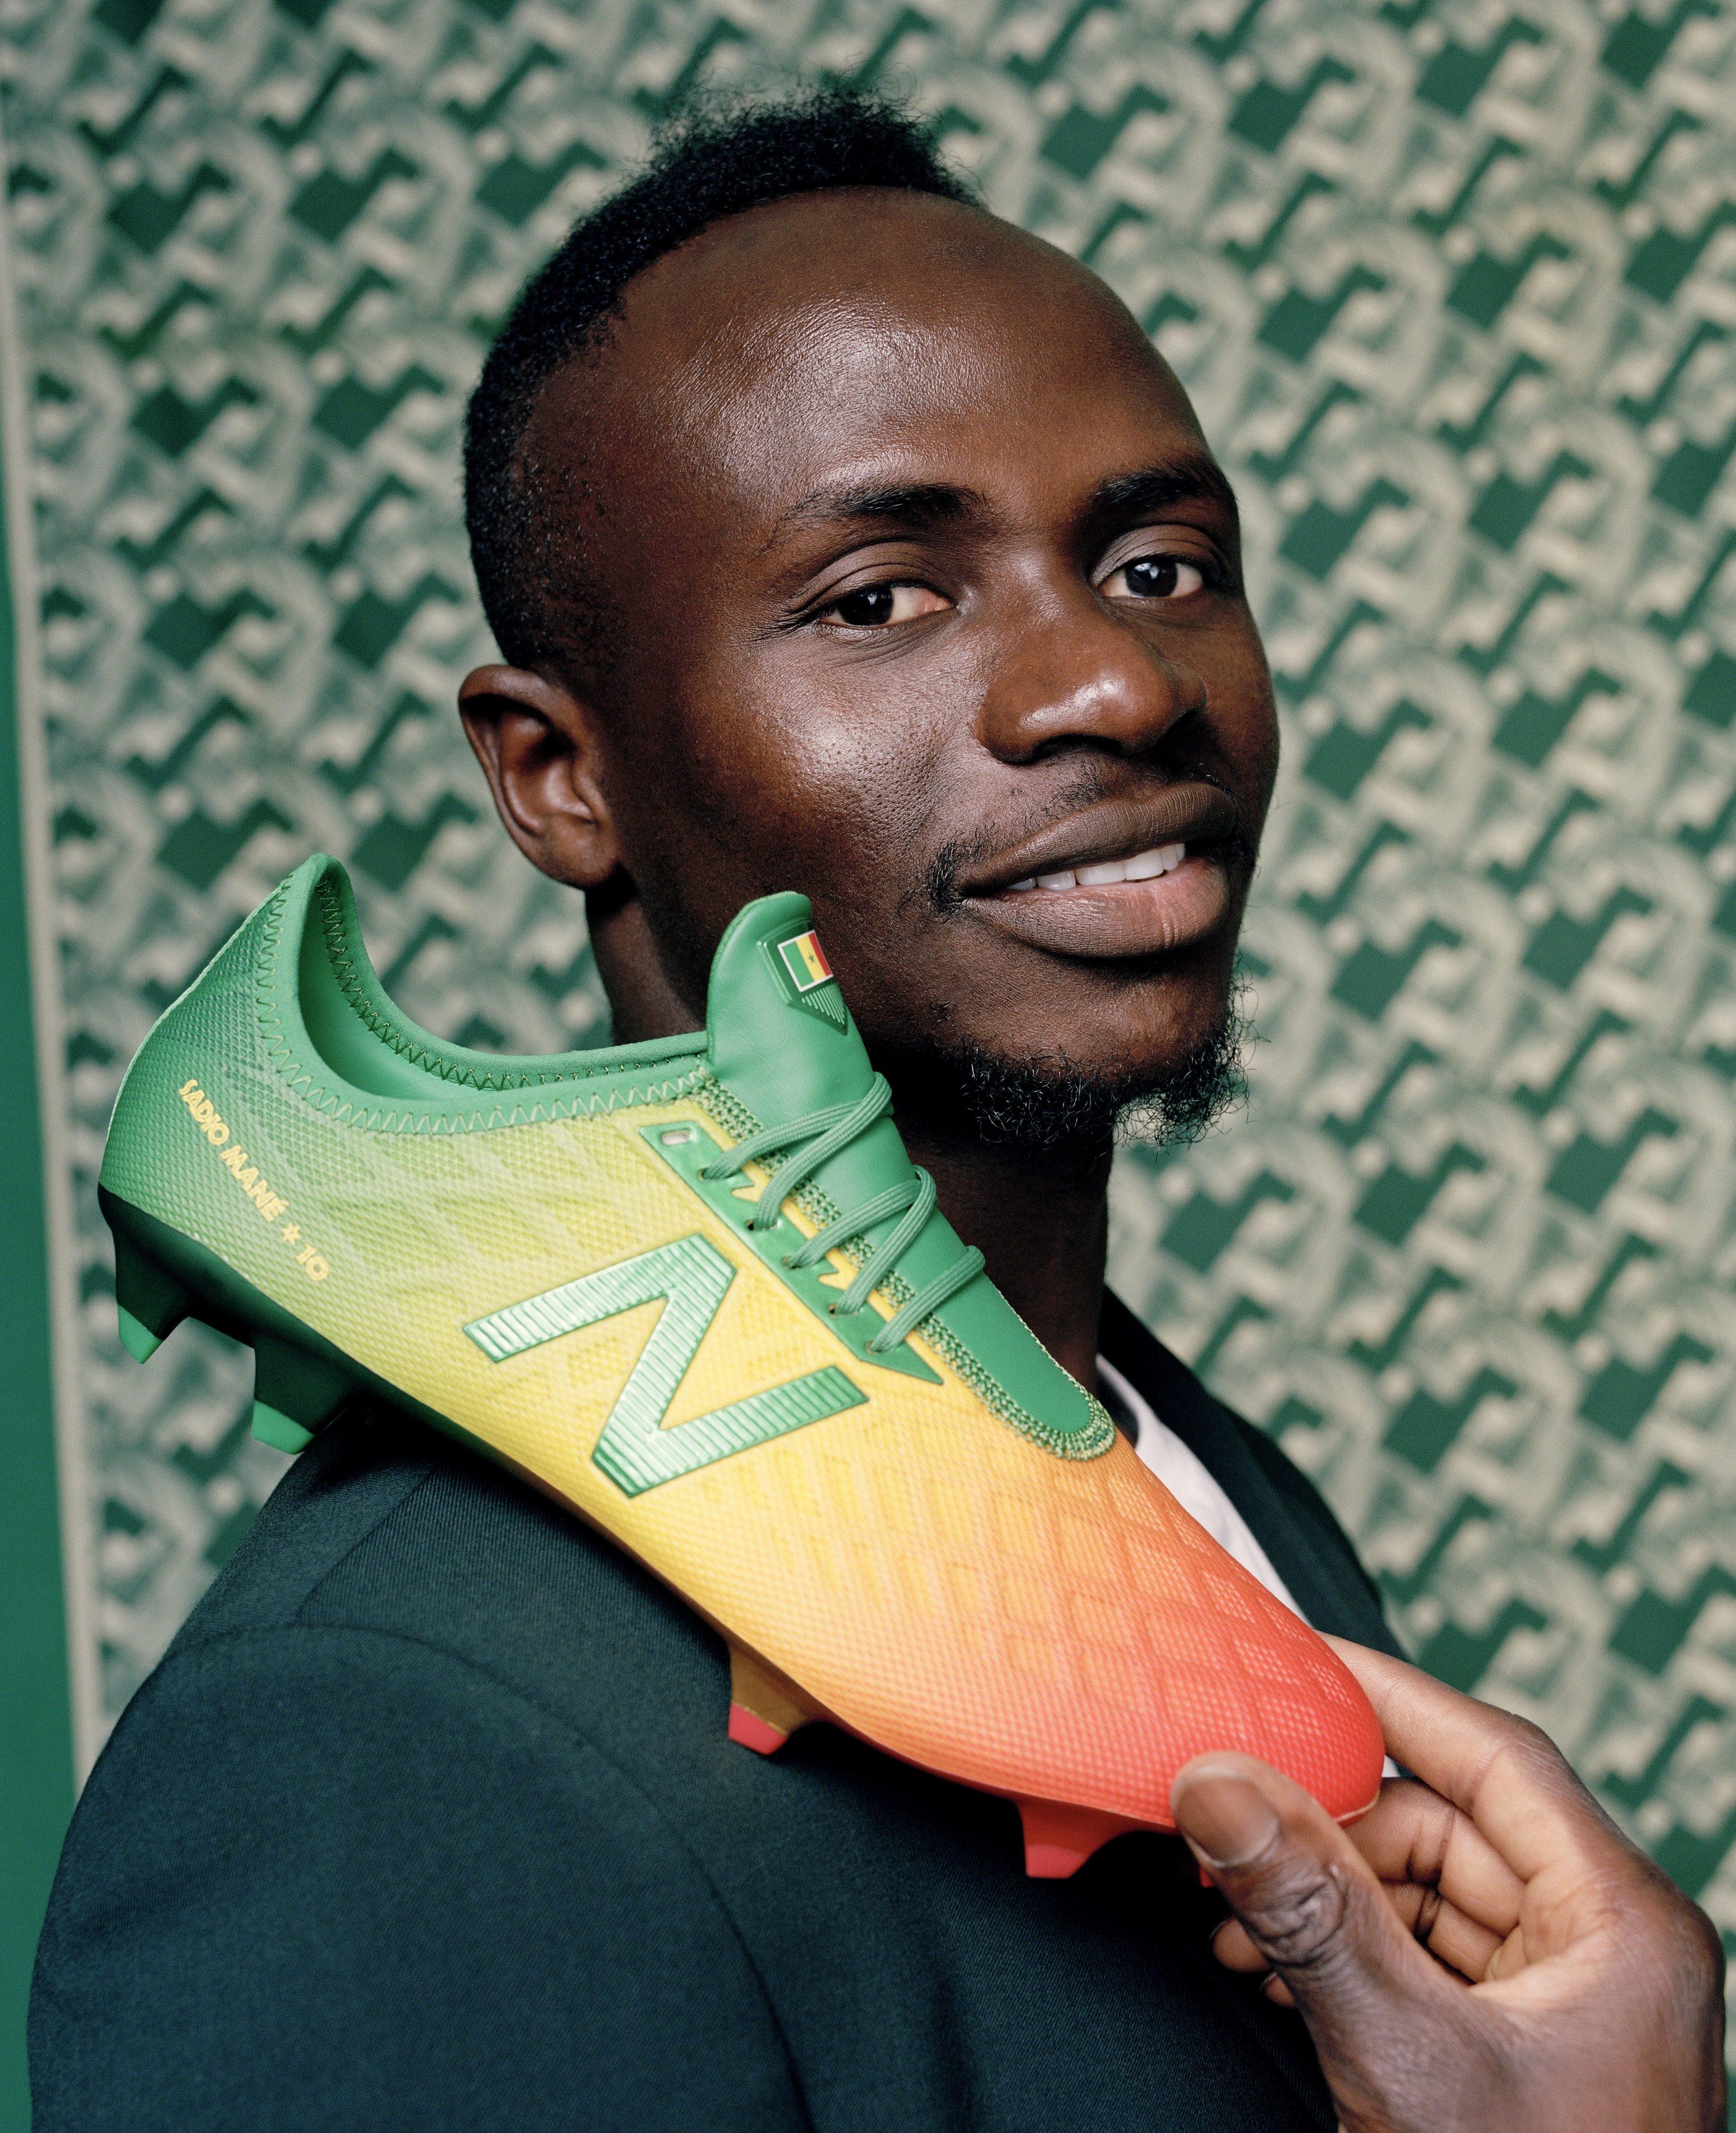 El Hadji Diouf, équipe nationale, Sadio Mané